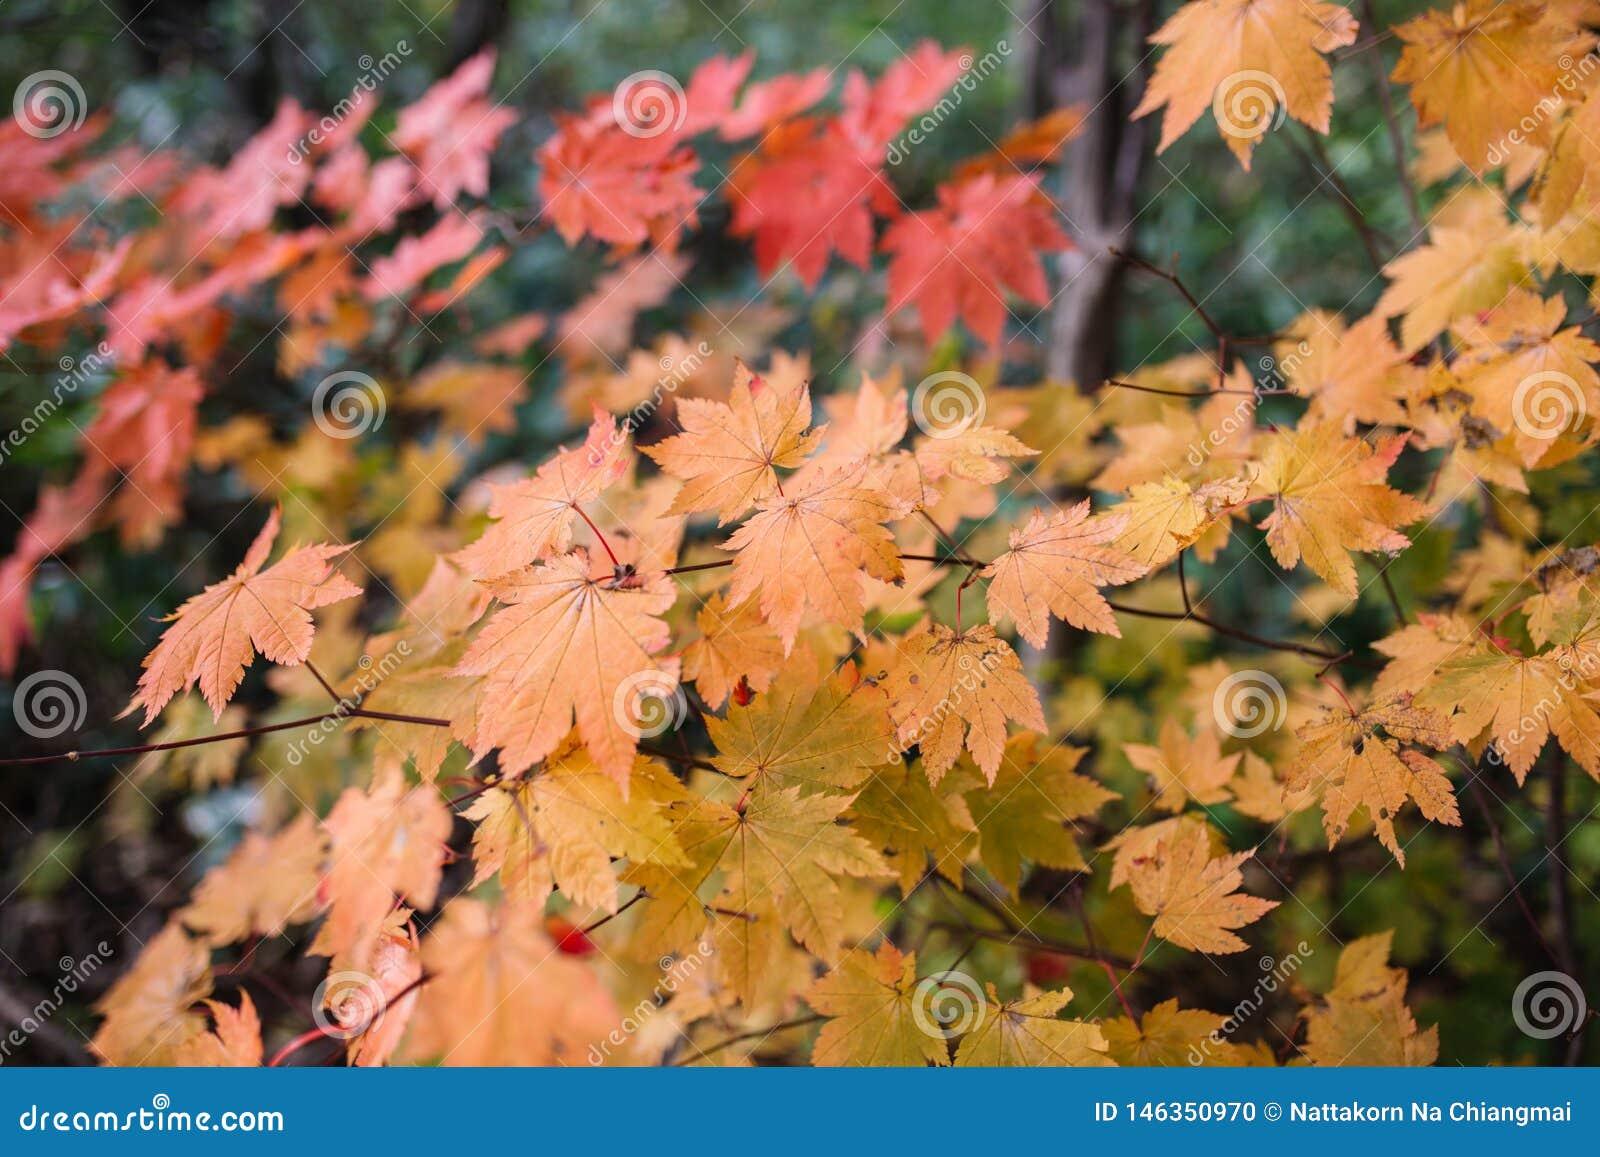 Couleurs de saison d automne, jaunes et rouges des feuilles d érable japonais